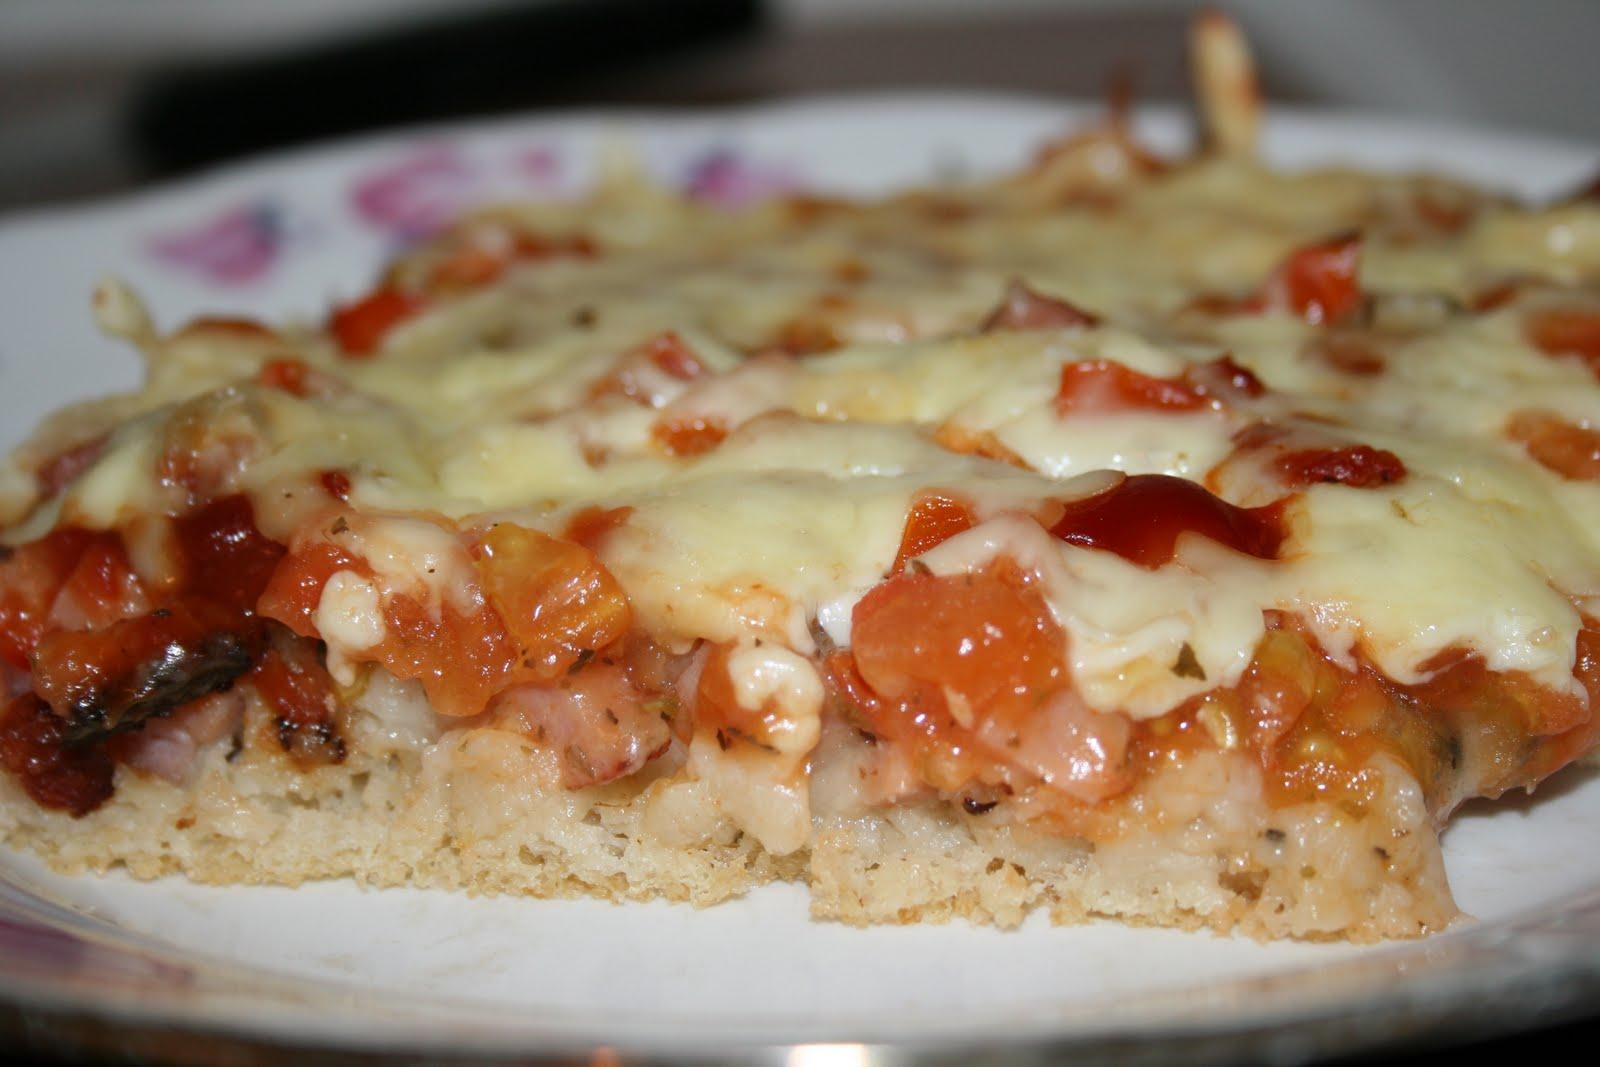 lihtne pitsa